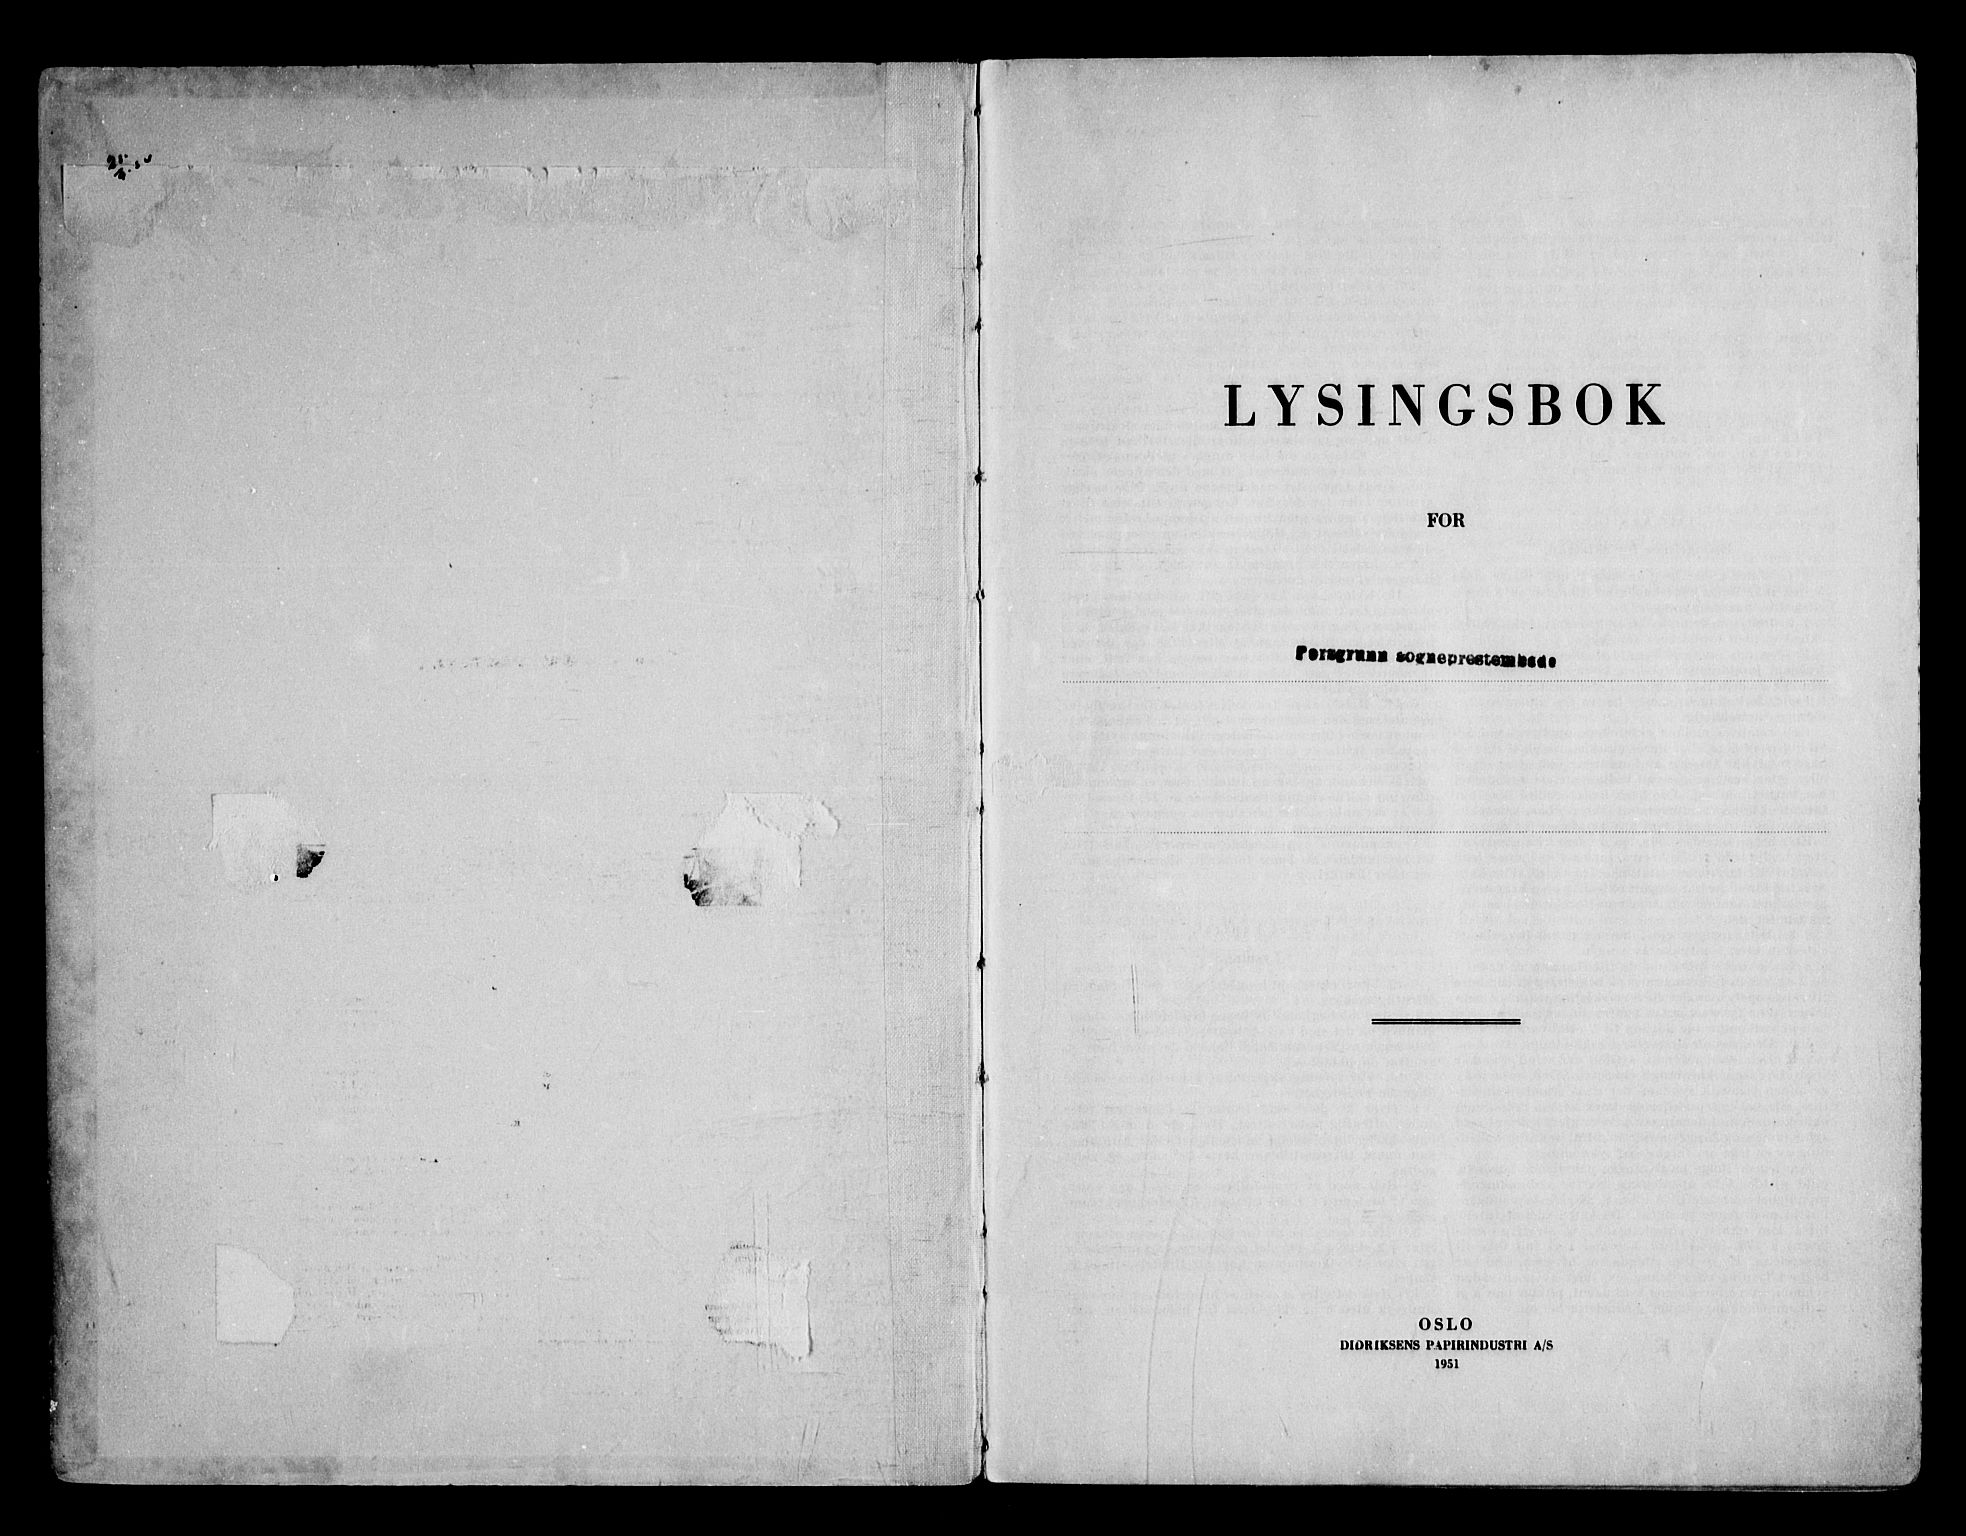 SAKO, Porsgrunn kirkebøker , H/Ha/L0003: Lysningsprotokoll nr. 3, 1952-1964